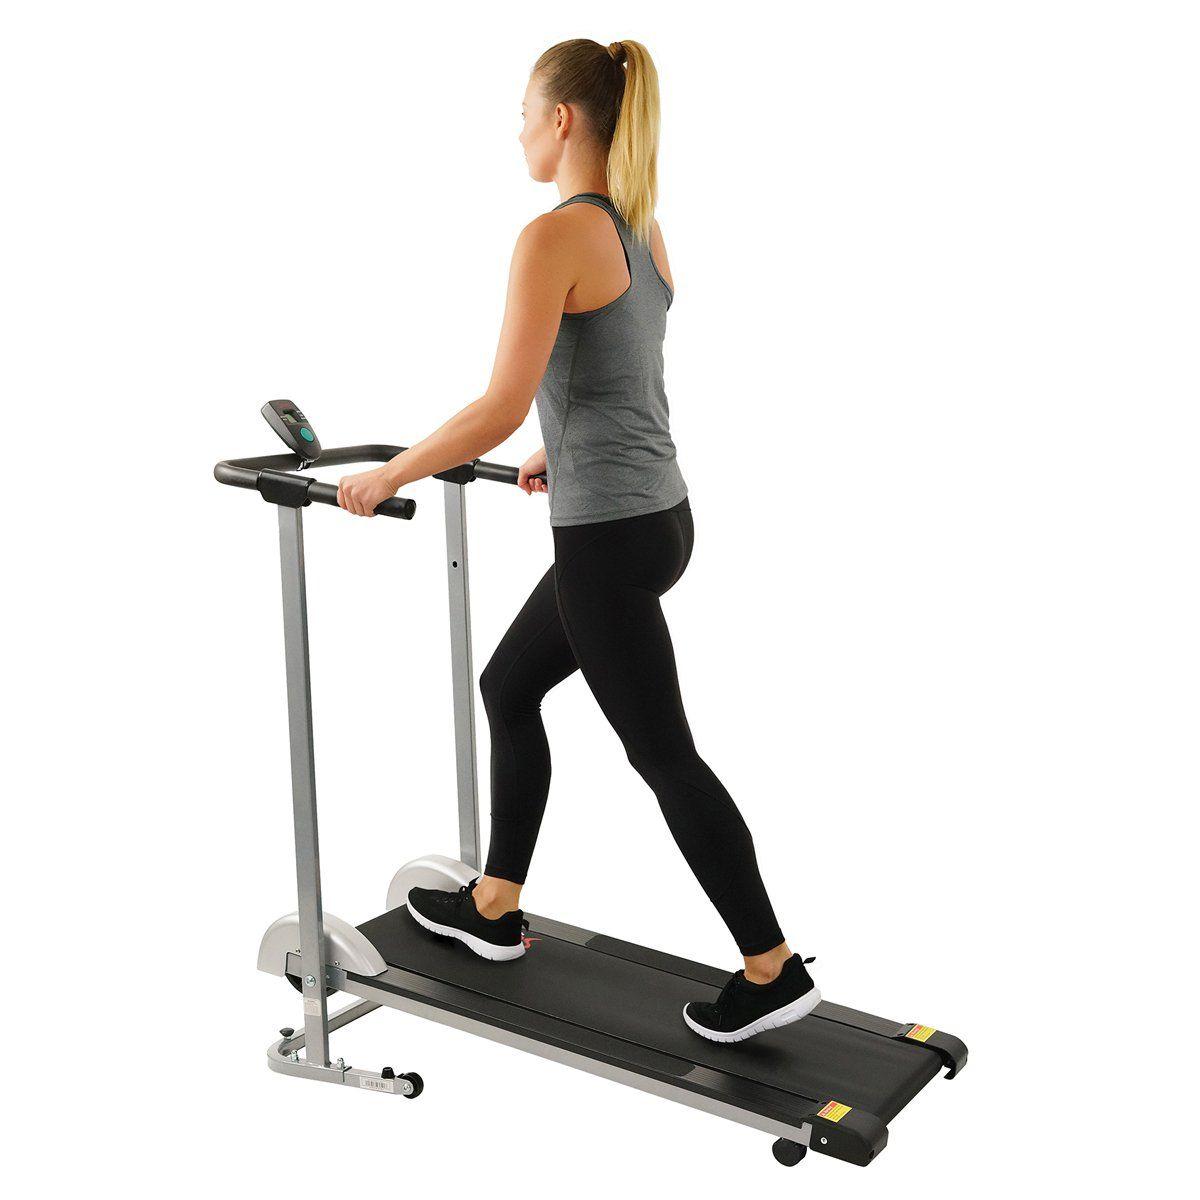 Manual Walking Treadmill In 2021 Treadmill Walking Treadmill Best Cardio